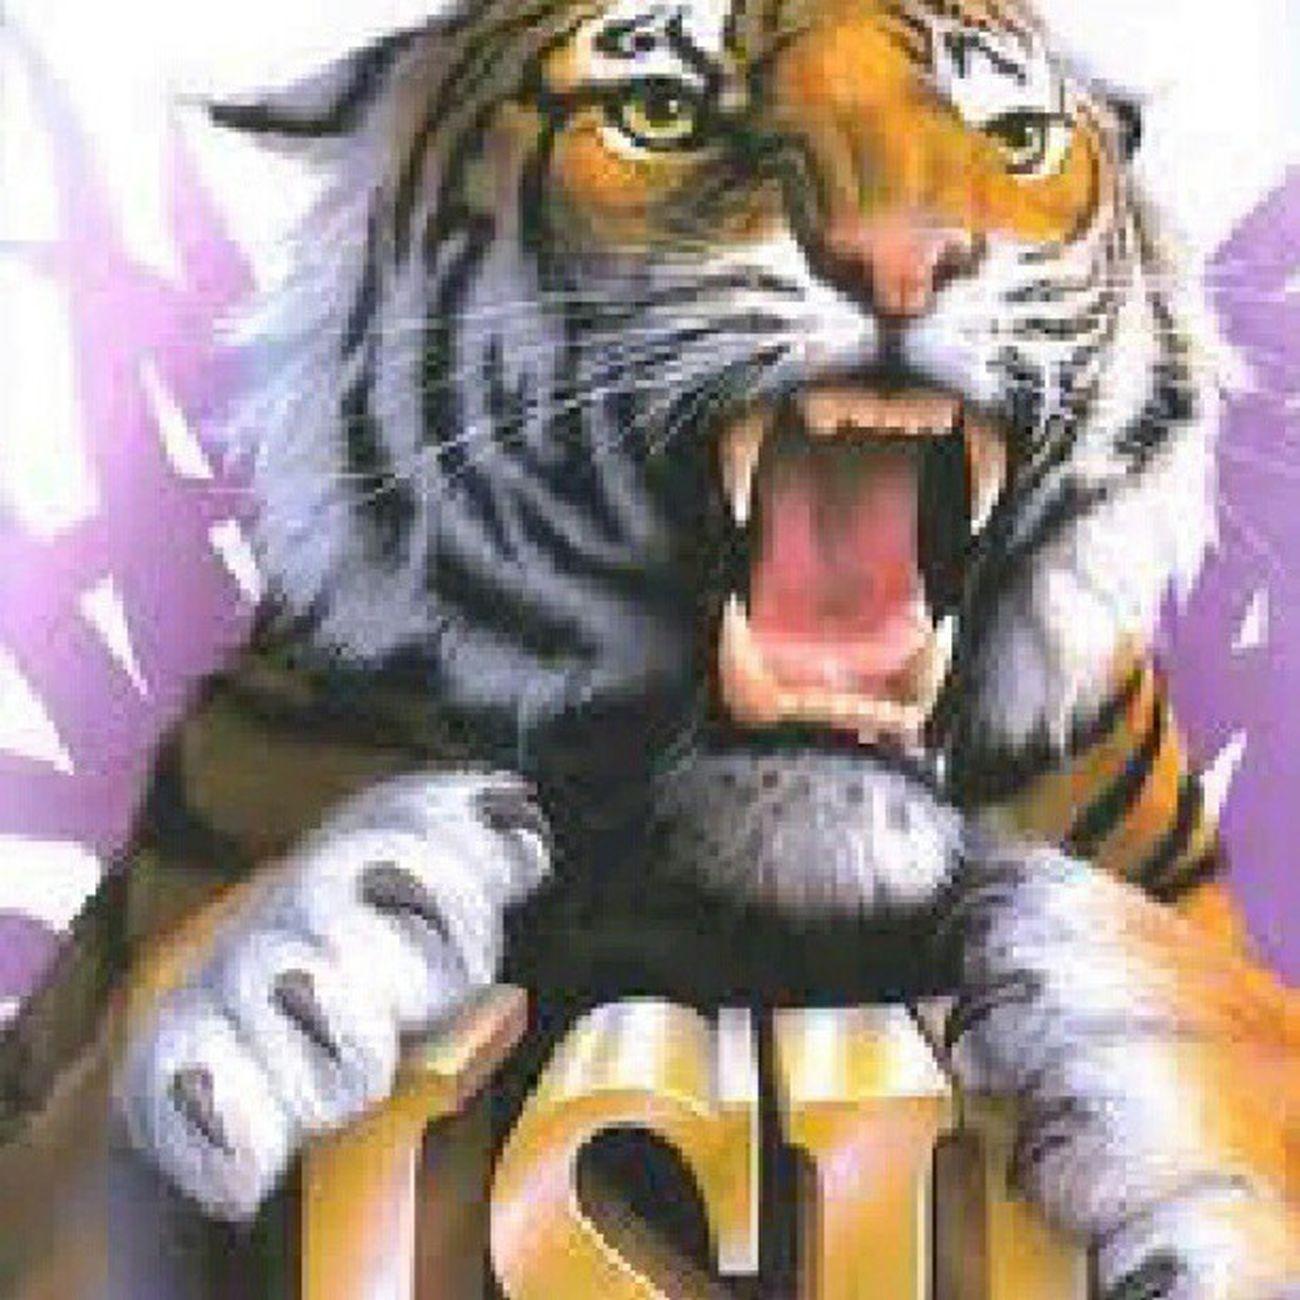 TeamLSU GO tigers!